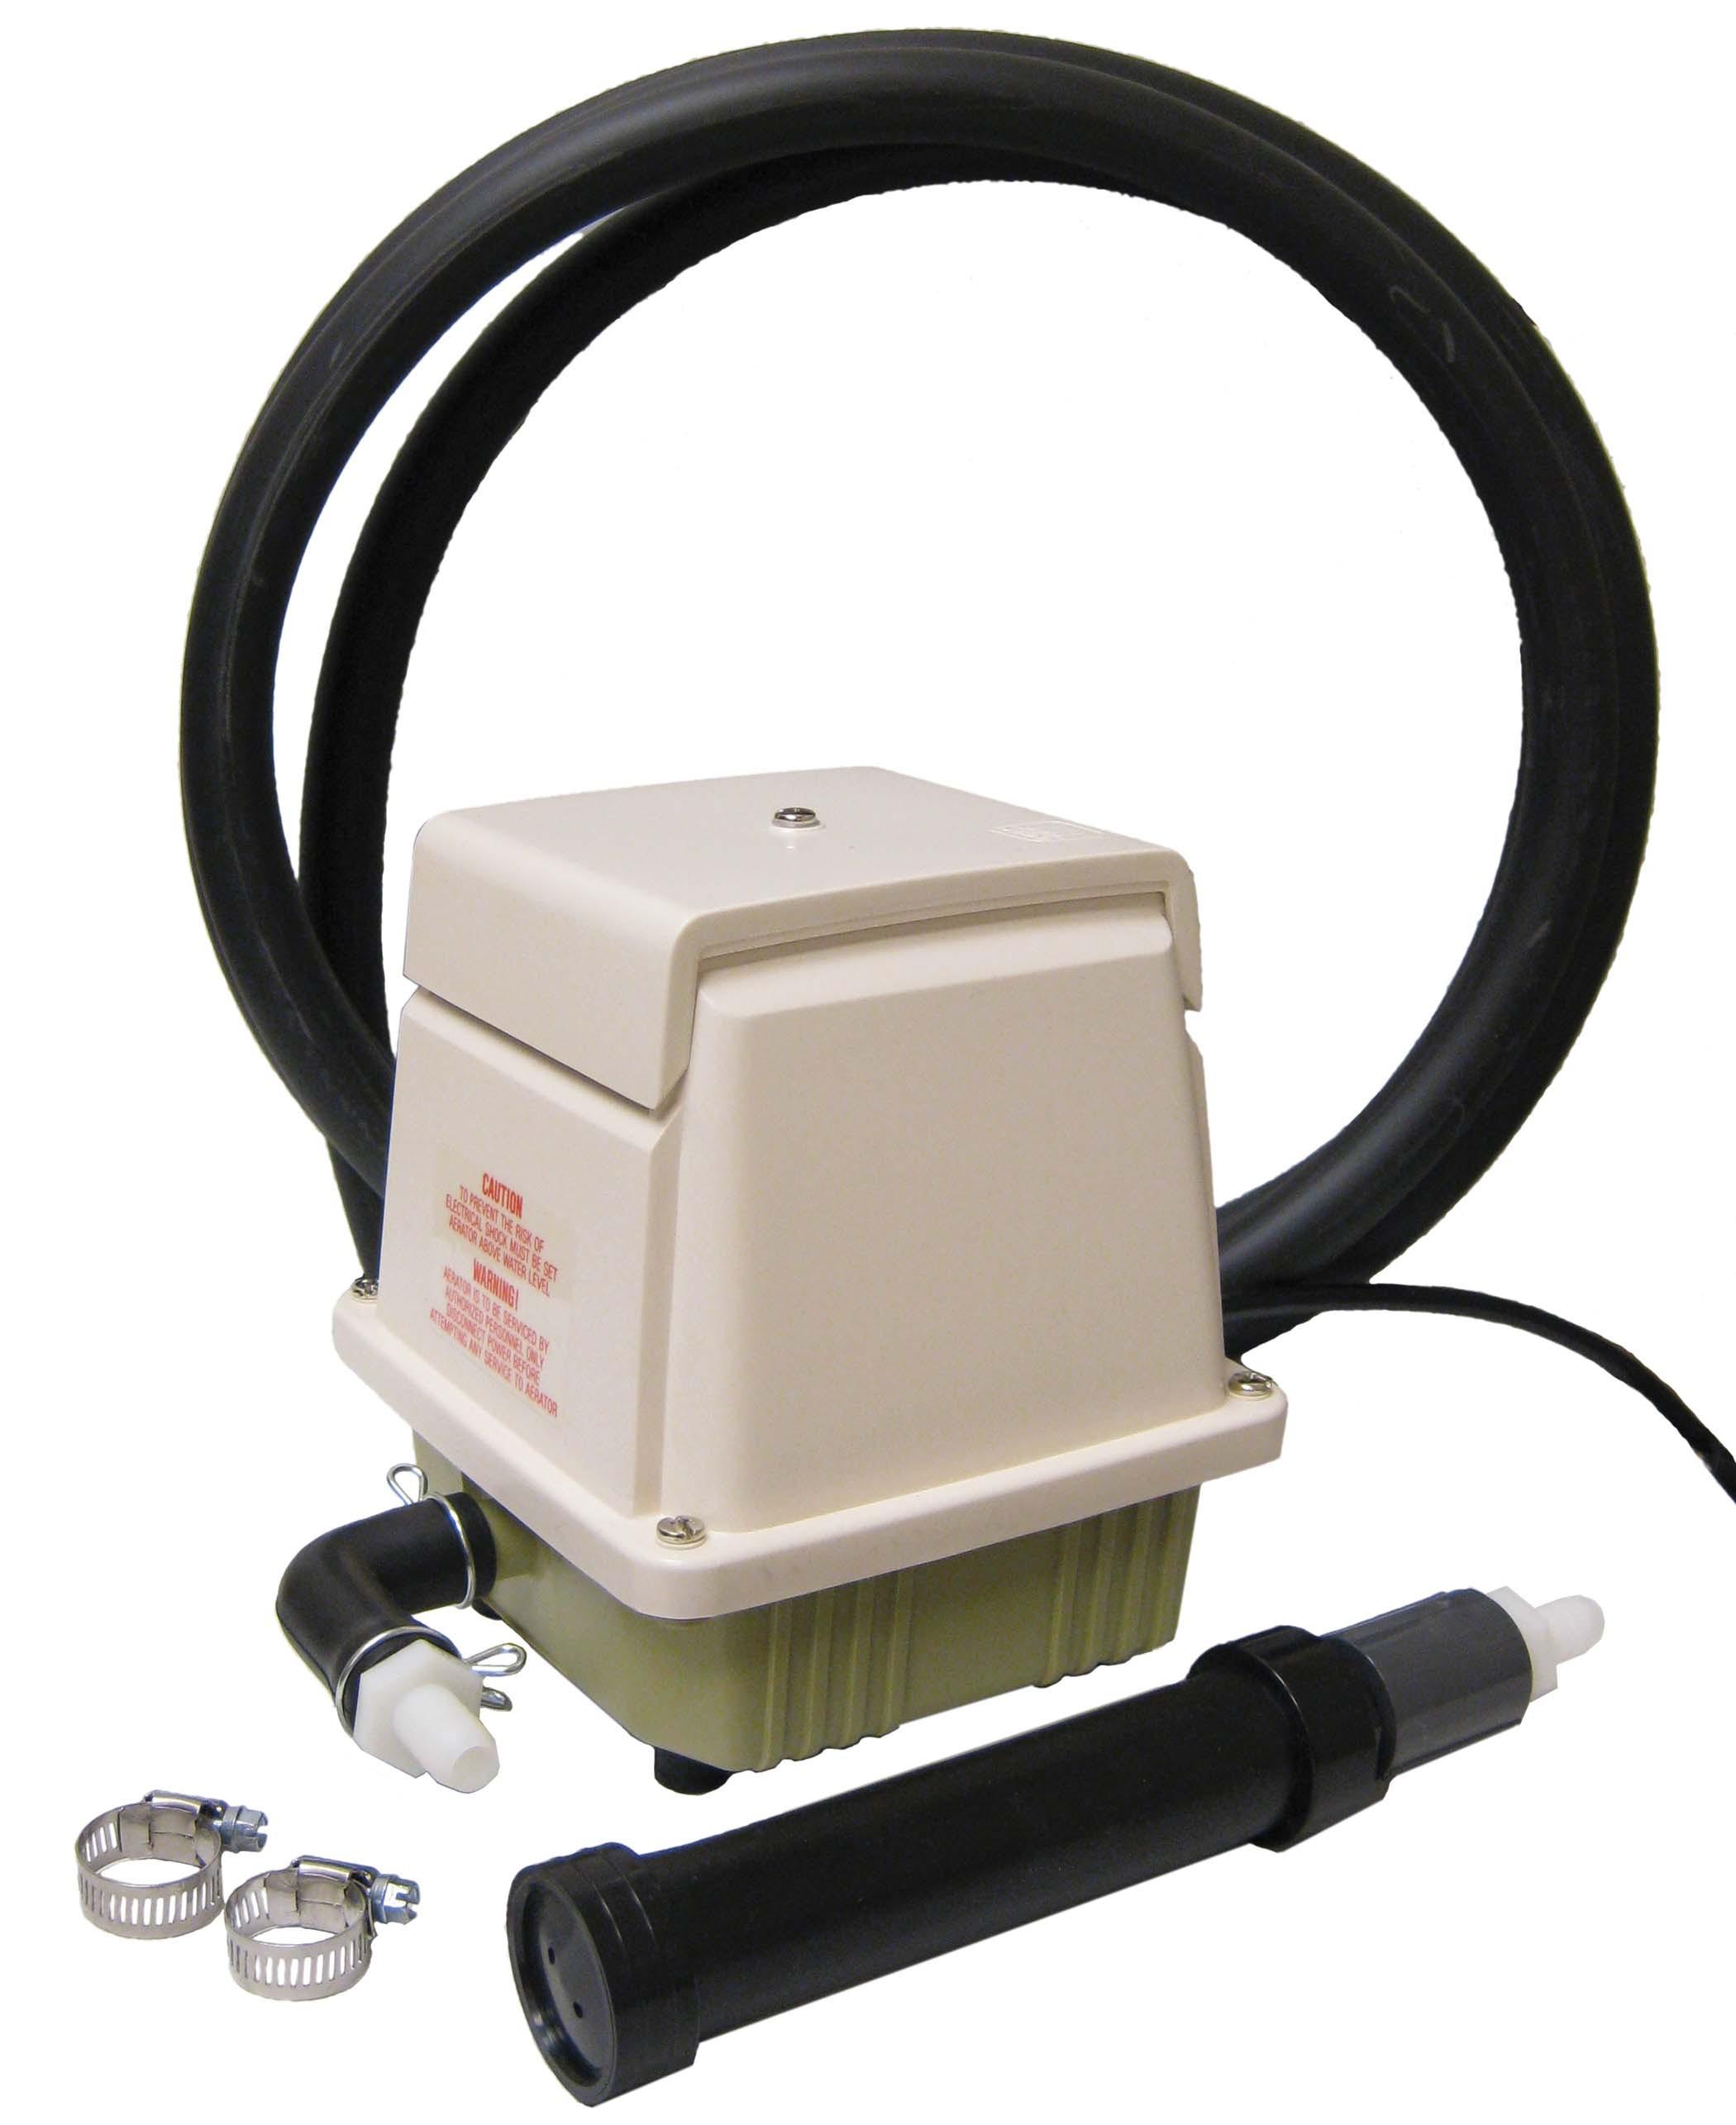 45 Watt LA10W Deluxe Linear Aeration Kit